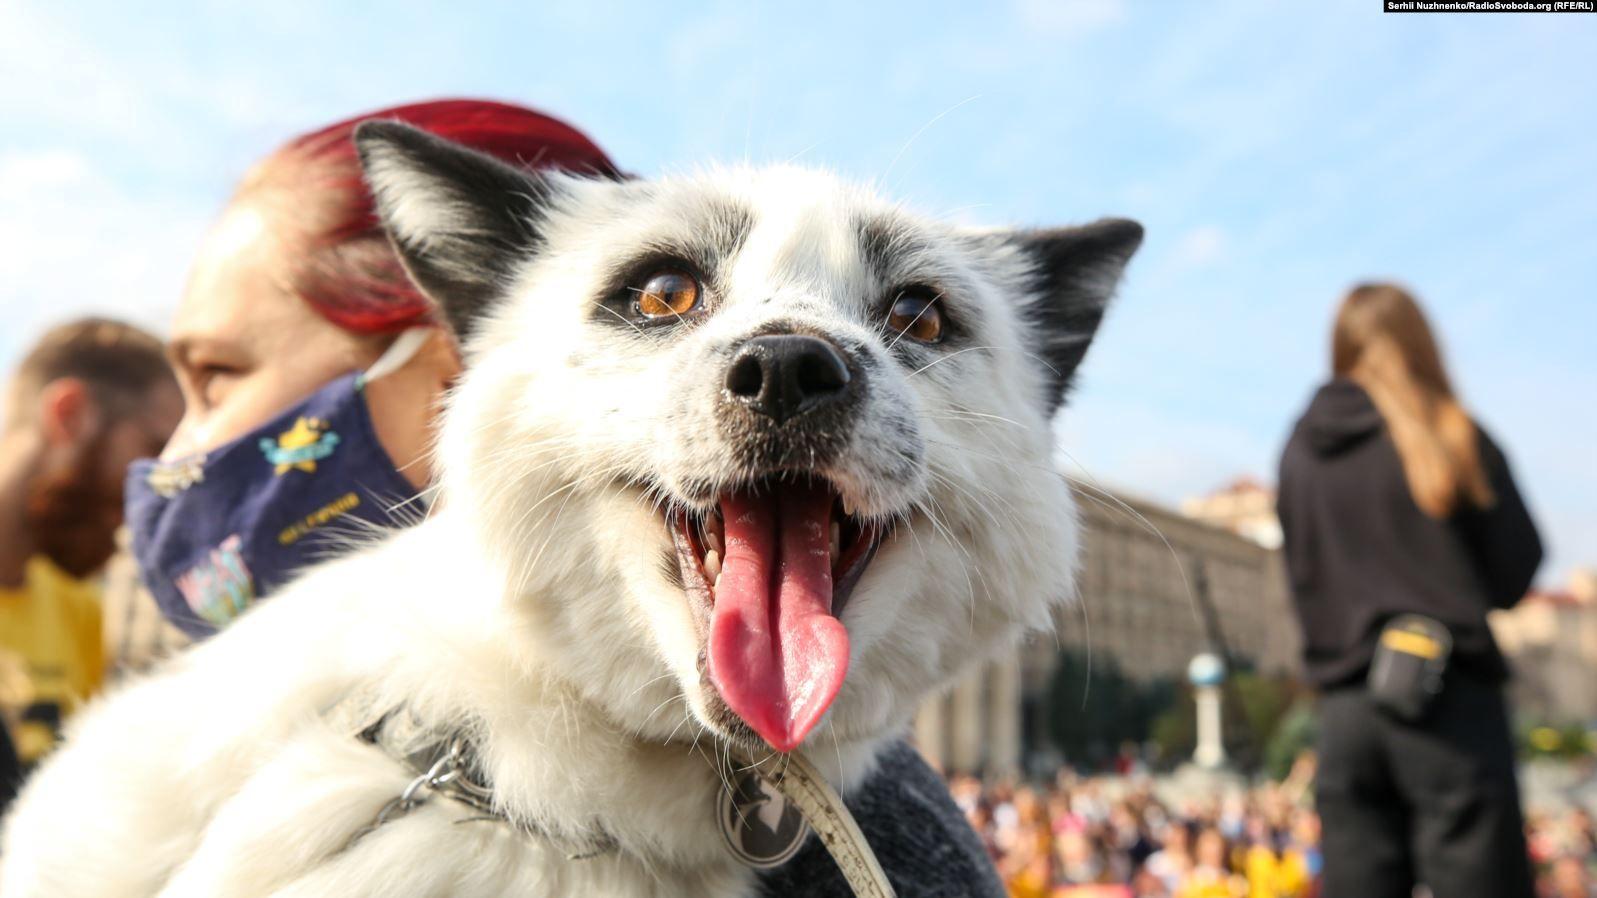 У Києві пройшла акція на захист тварин. Зооактивісти вимагають заборонити  хутряні ферми та використання тварин у цирках | Громадське телебачення